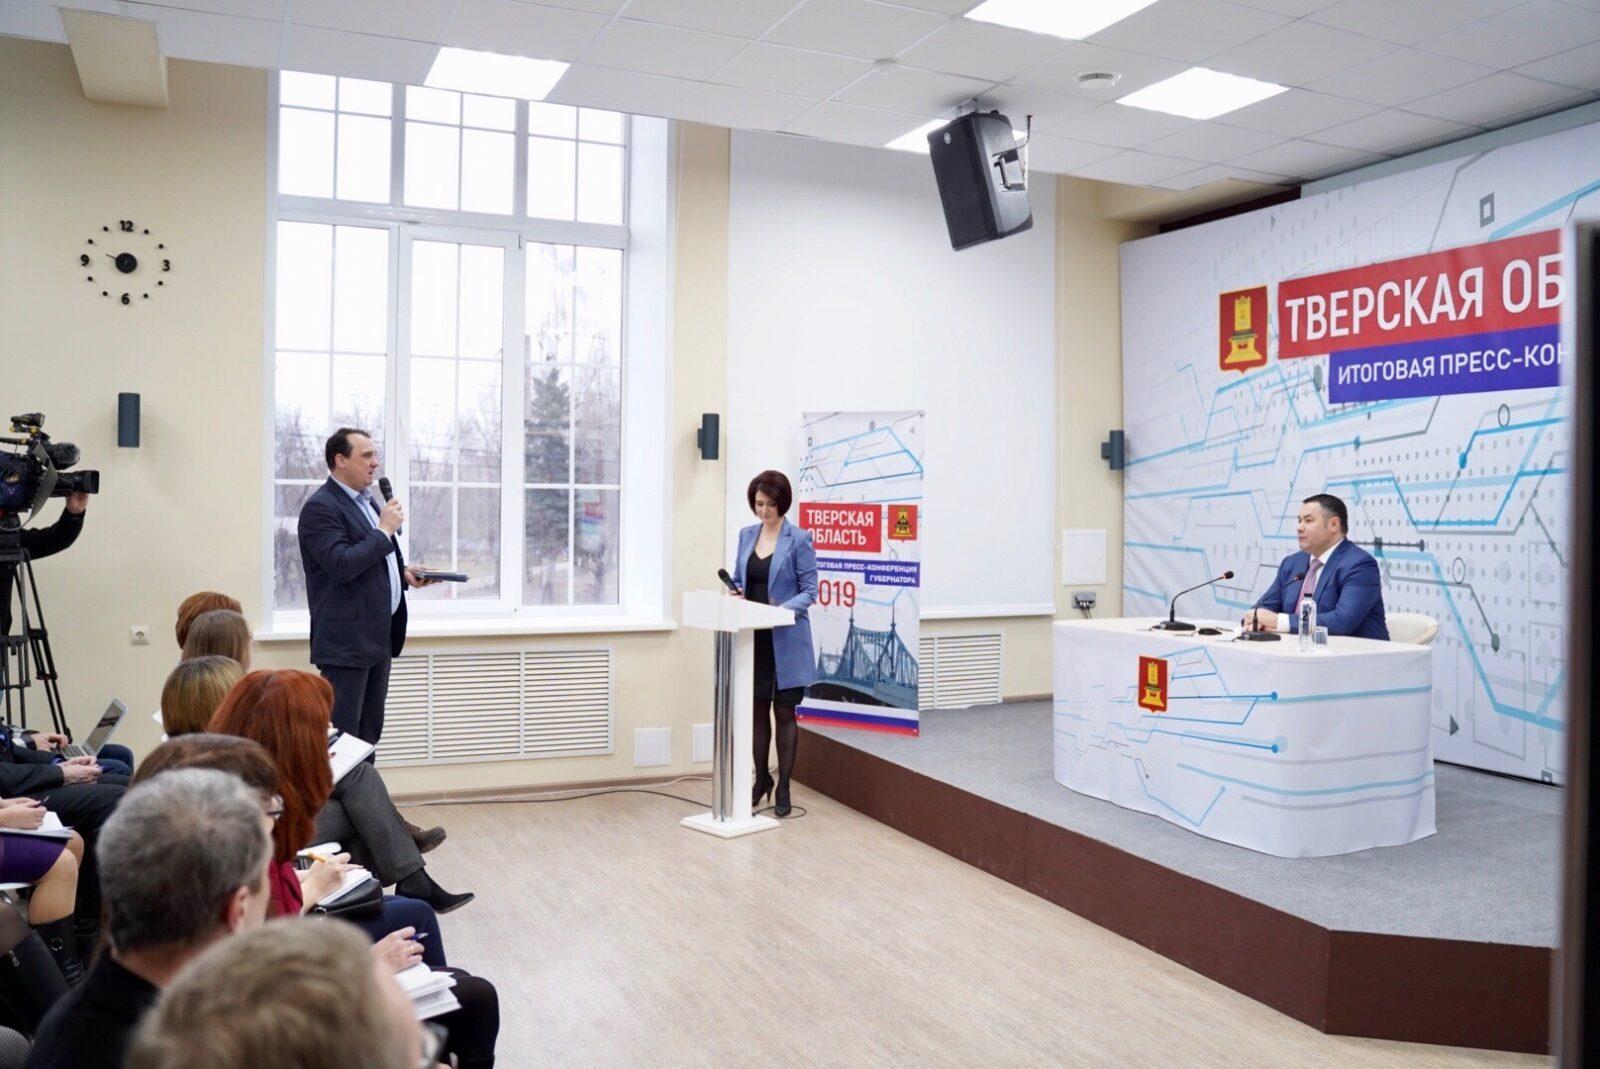 Губернатор Тверской области прокомментировал возможность строительства аэропорта в Твери